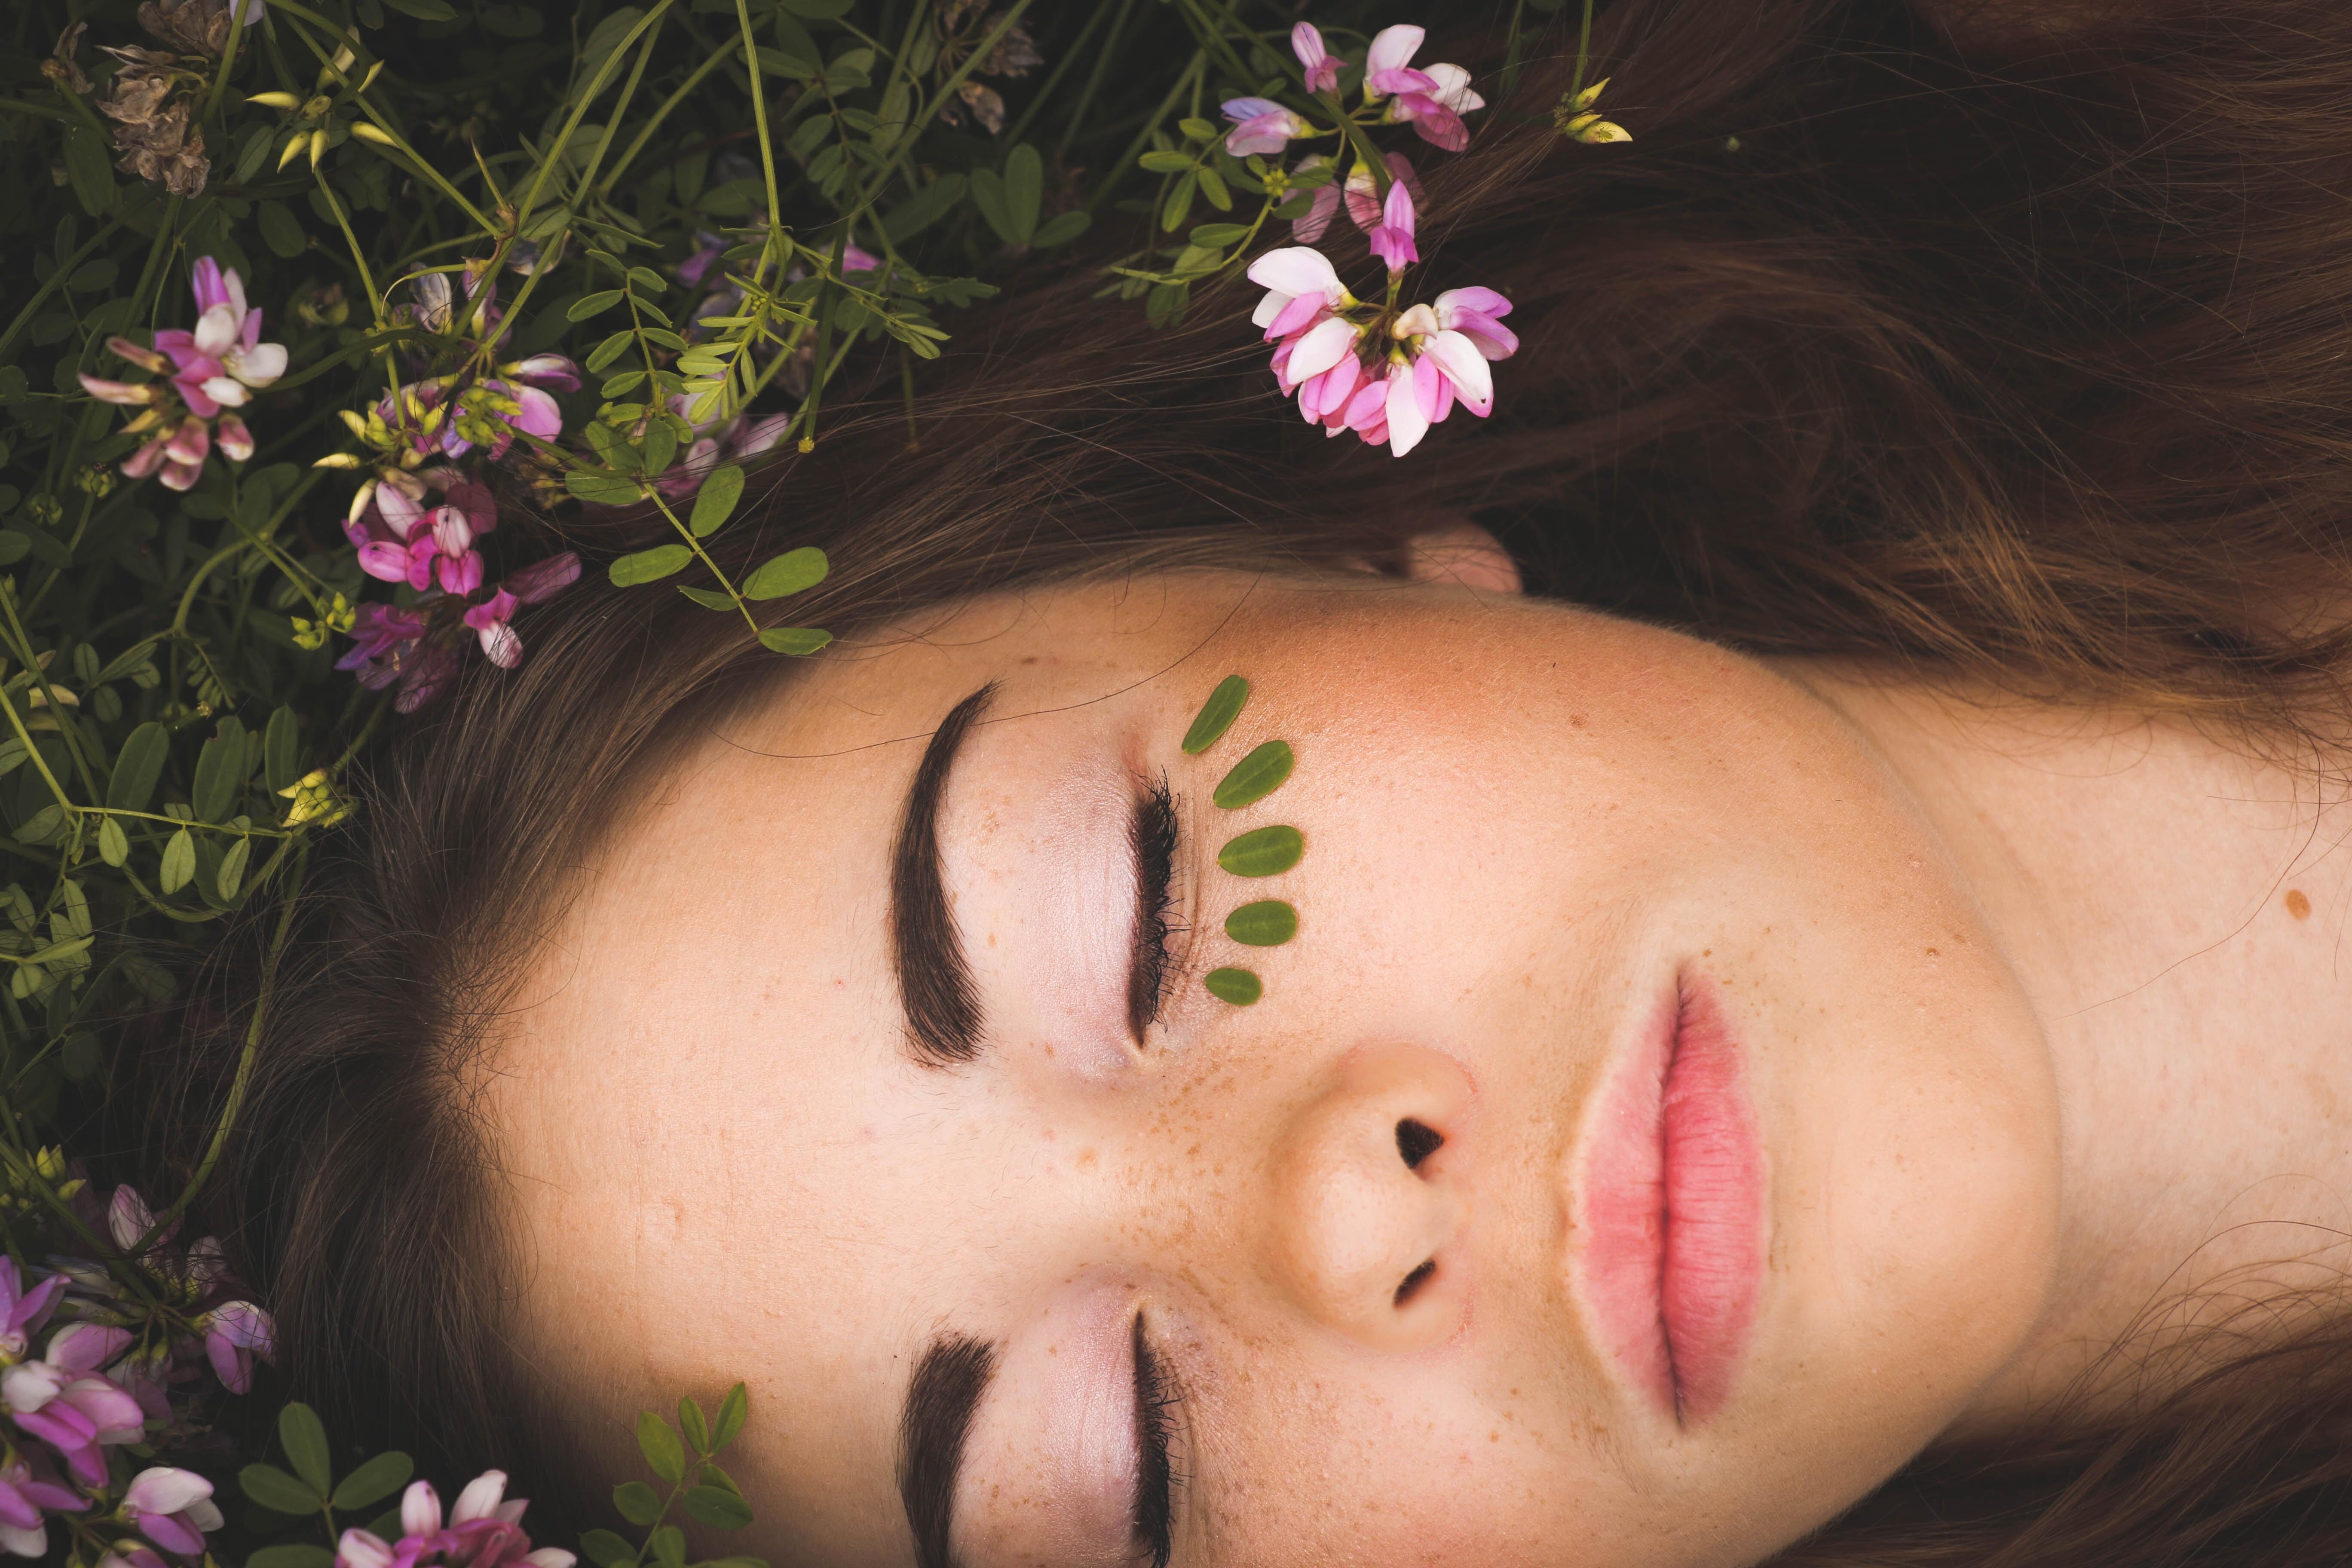 Инъекции, кремы и таблетки: зачем тебе нужна гиалуроновая кислота